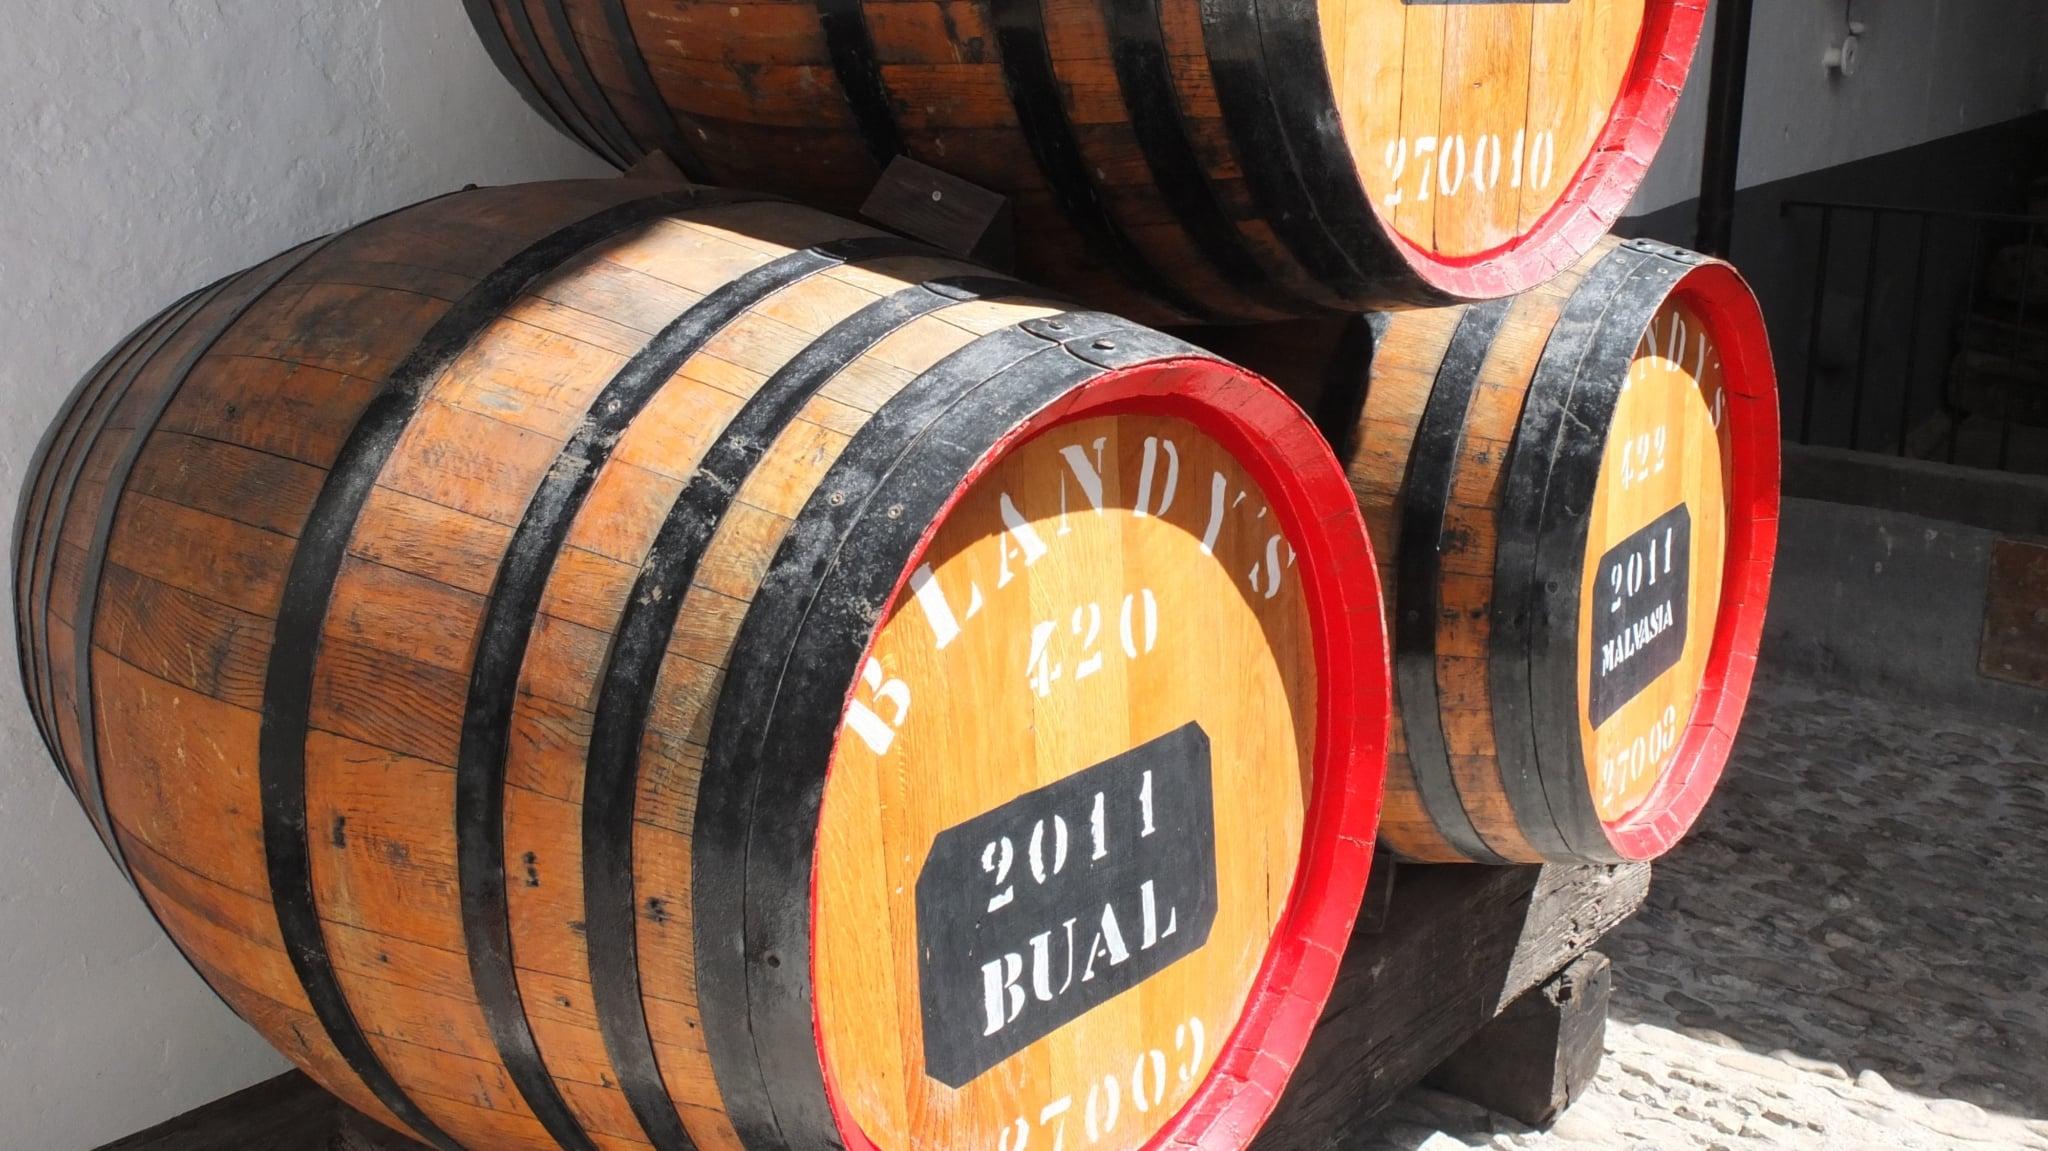 Як ви ставитесь до дегустації одного з найпопулярніших сортів вина? У програмі ми відвідаємо винзавод з виготовлення Мадейри!